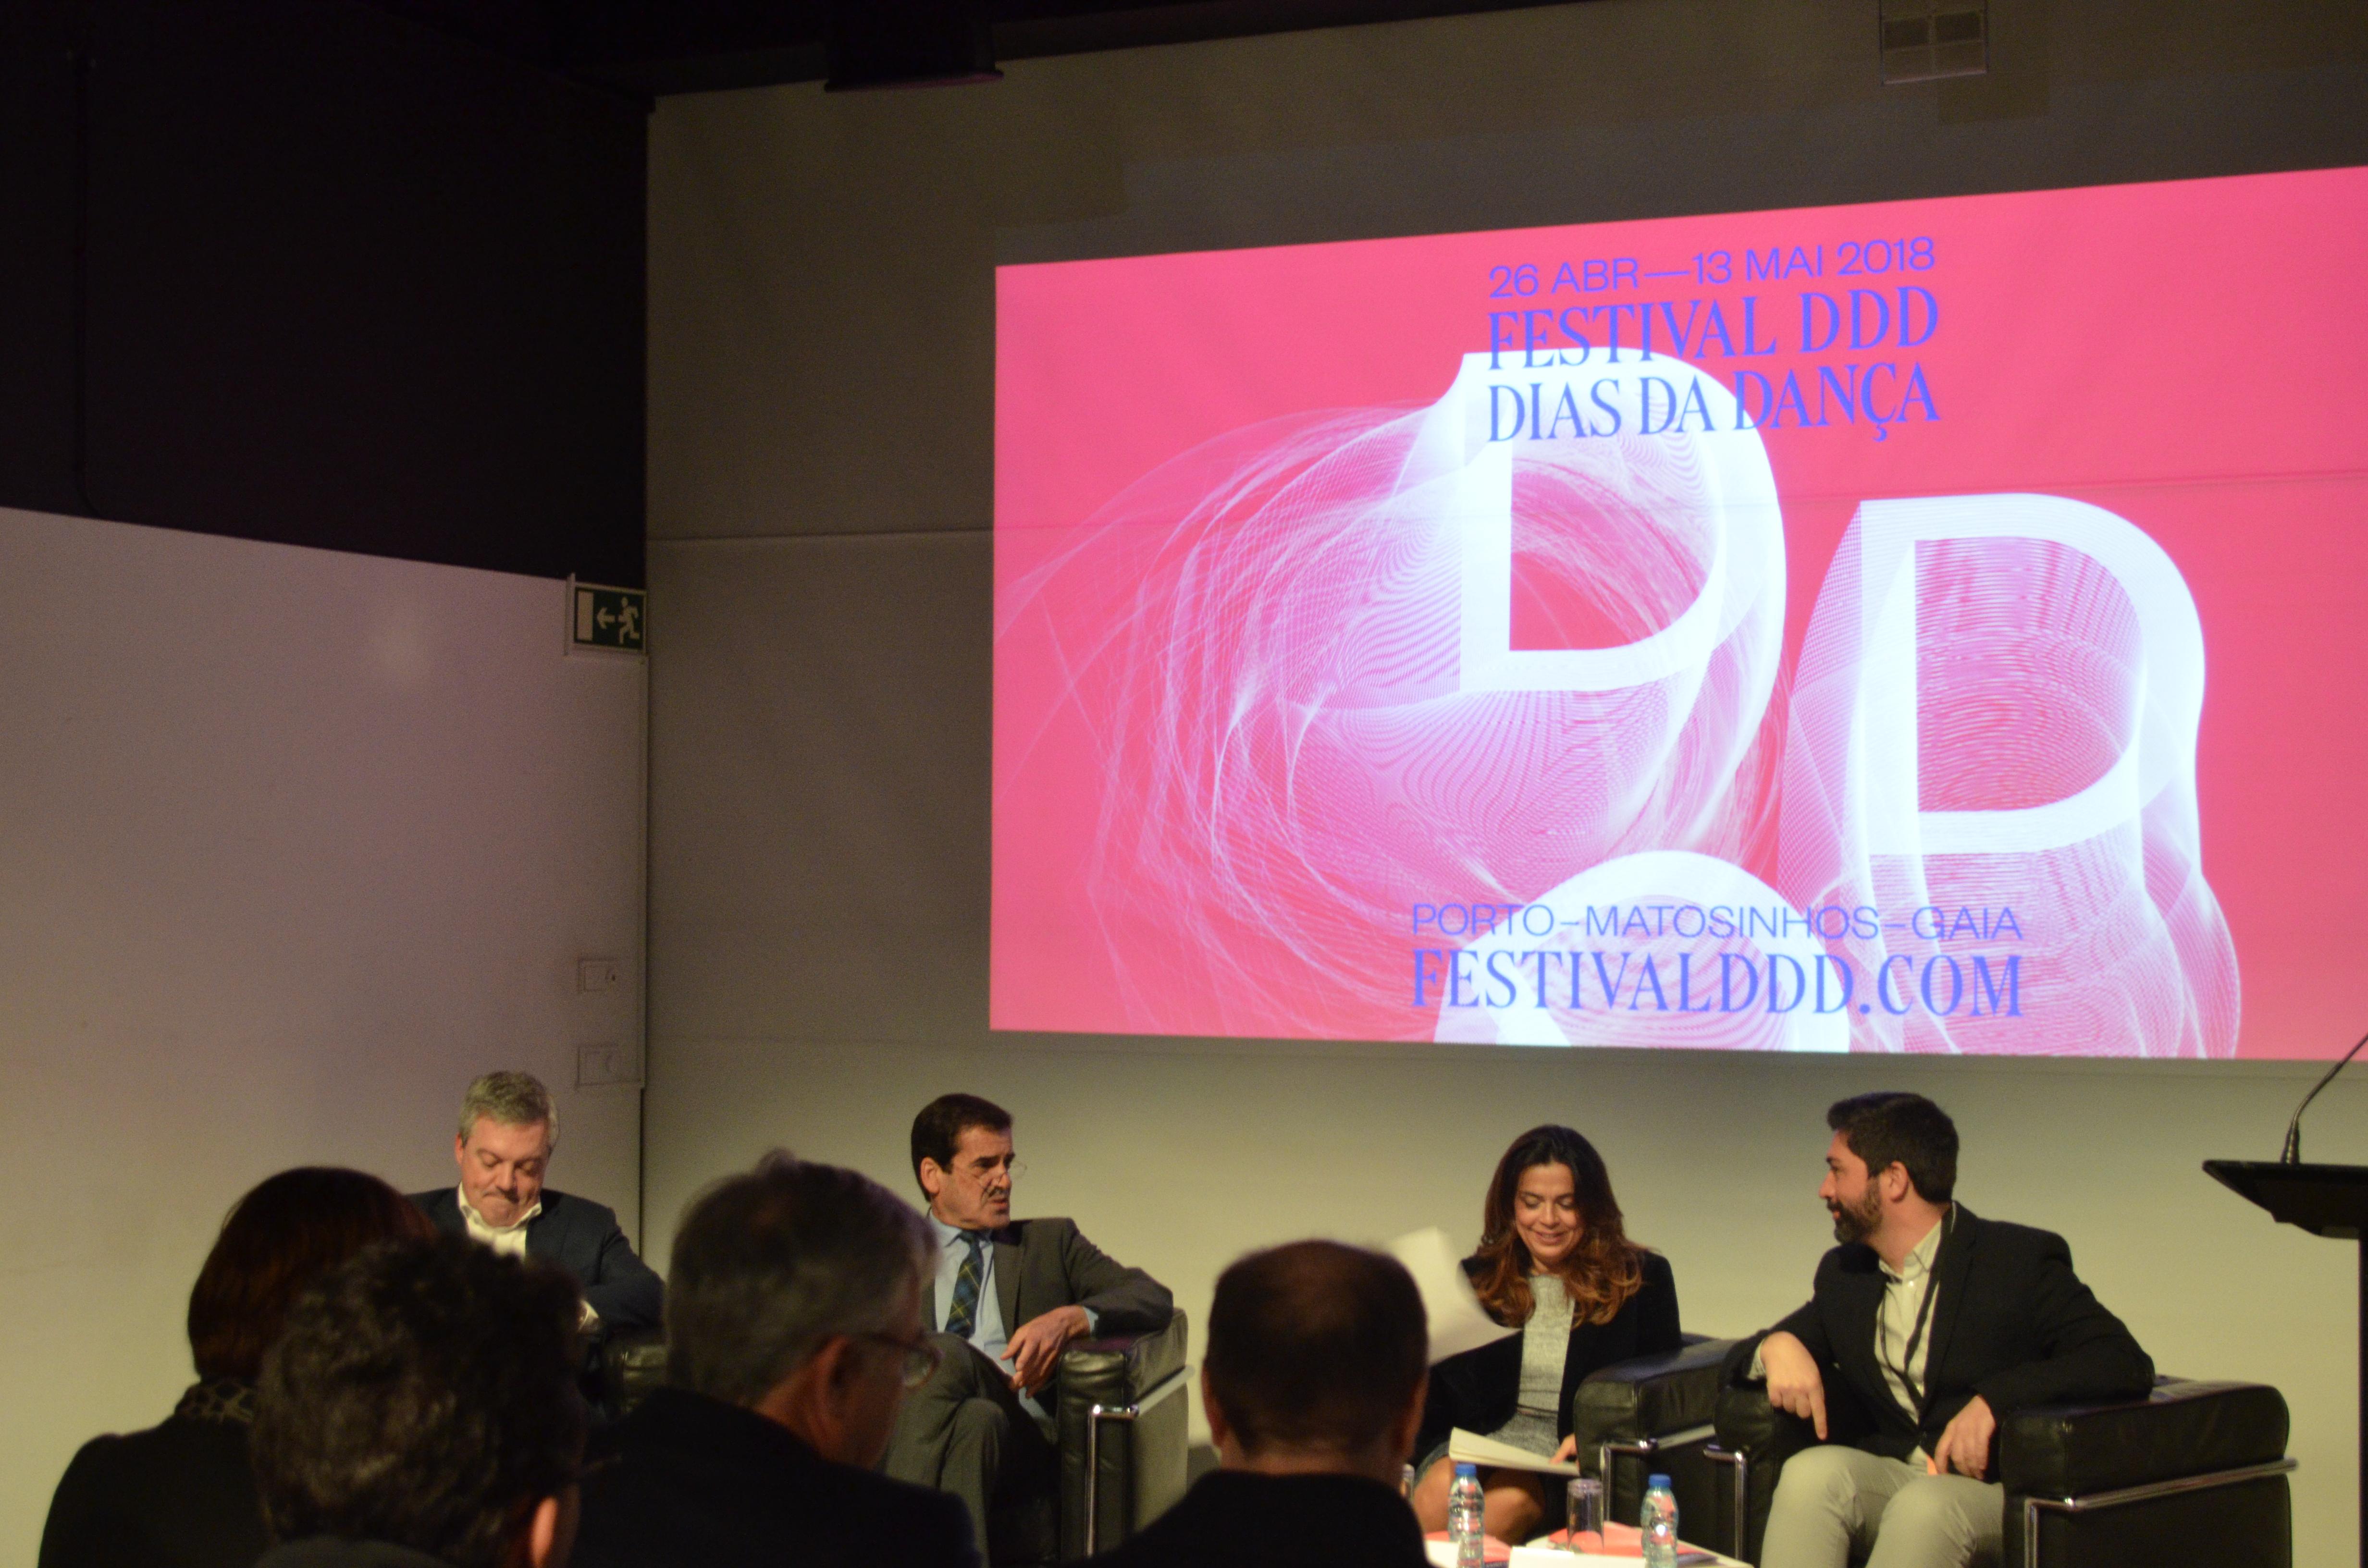 O festival Dias da Dança conta com a colaboração dos municípios do Porto, Matosinhos e Gaia. No total, um investimento de 582 mil 347 euros.